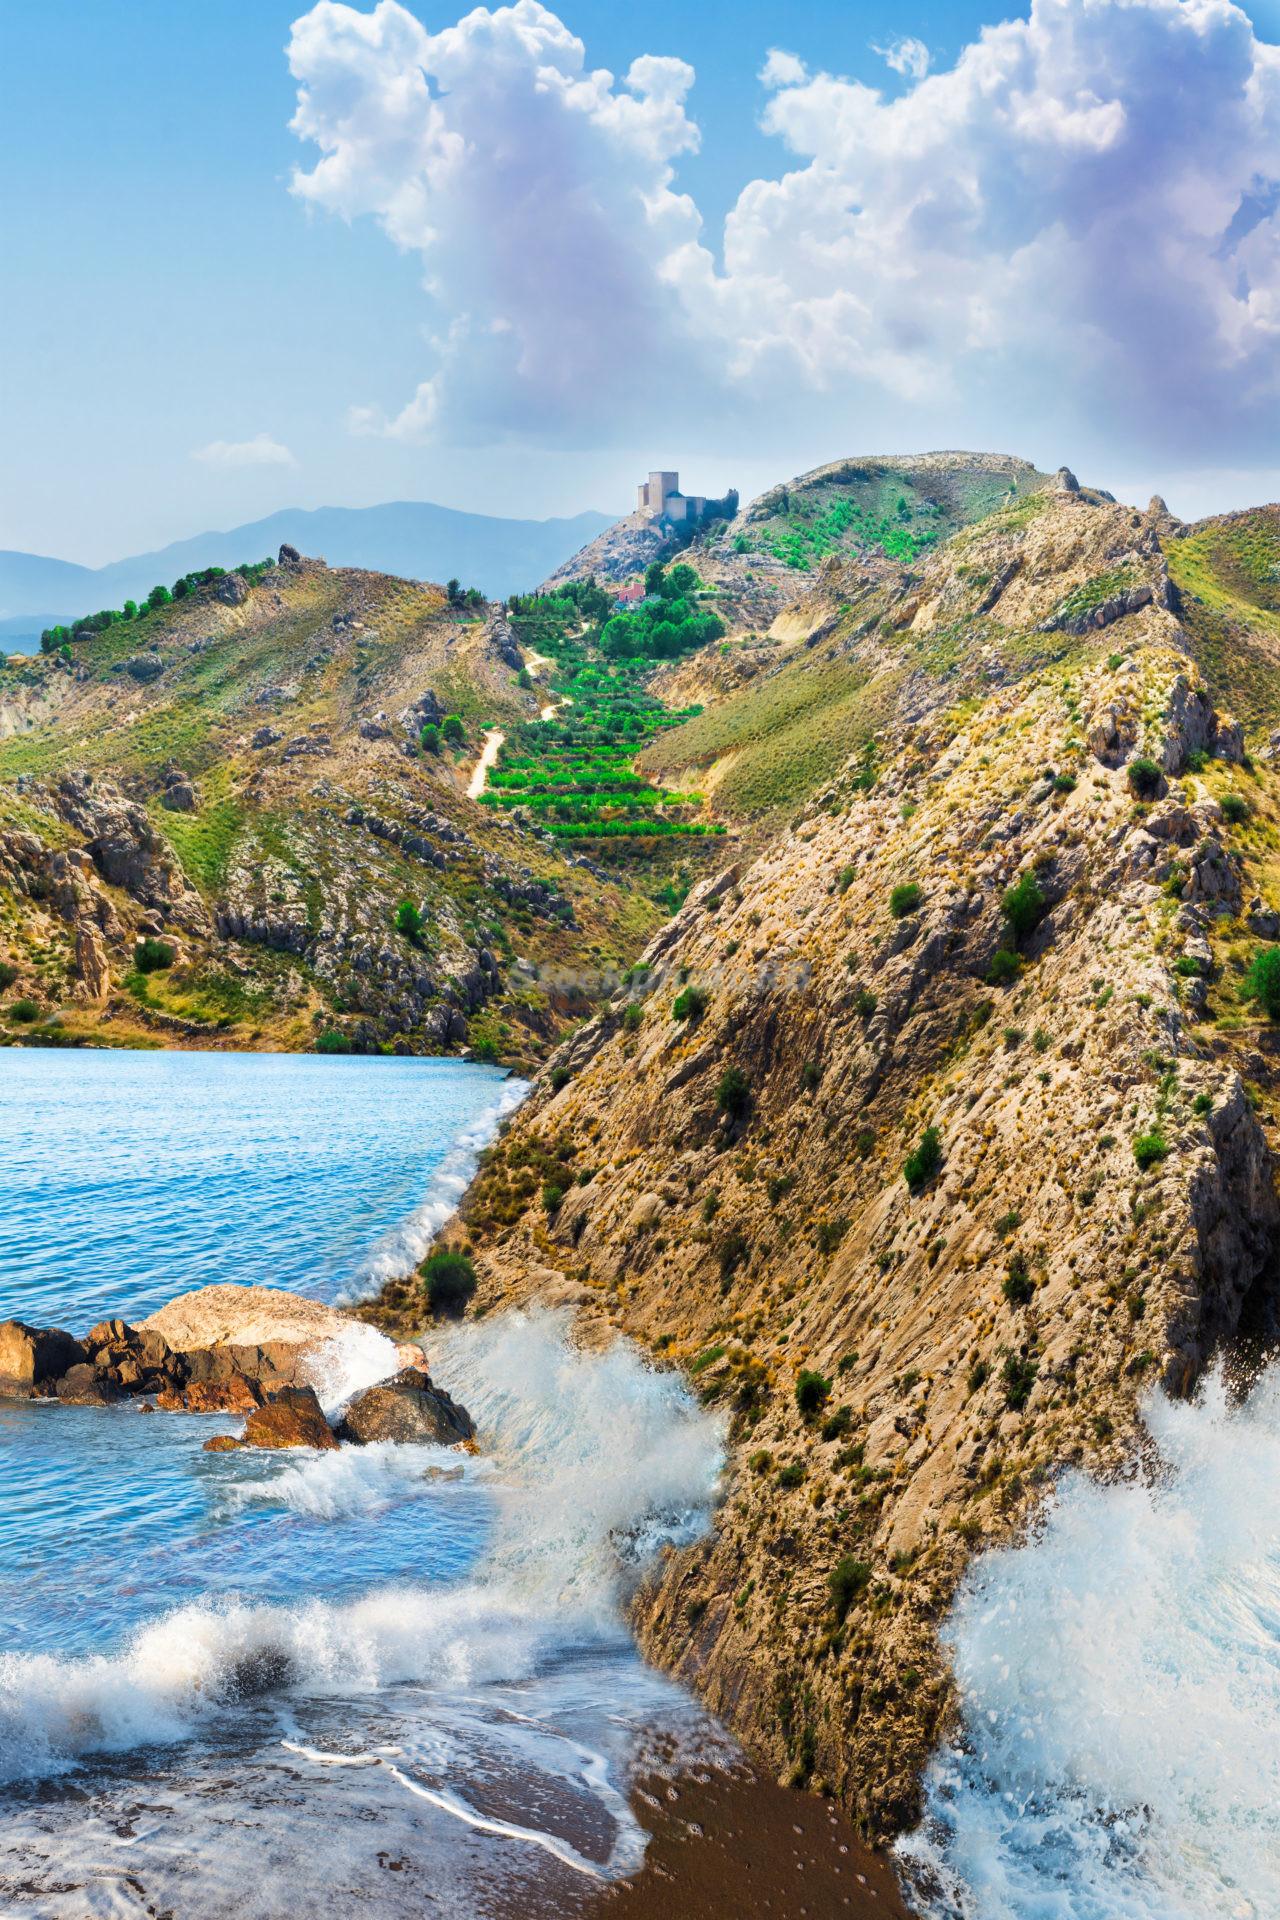 Castle on the shore